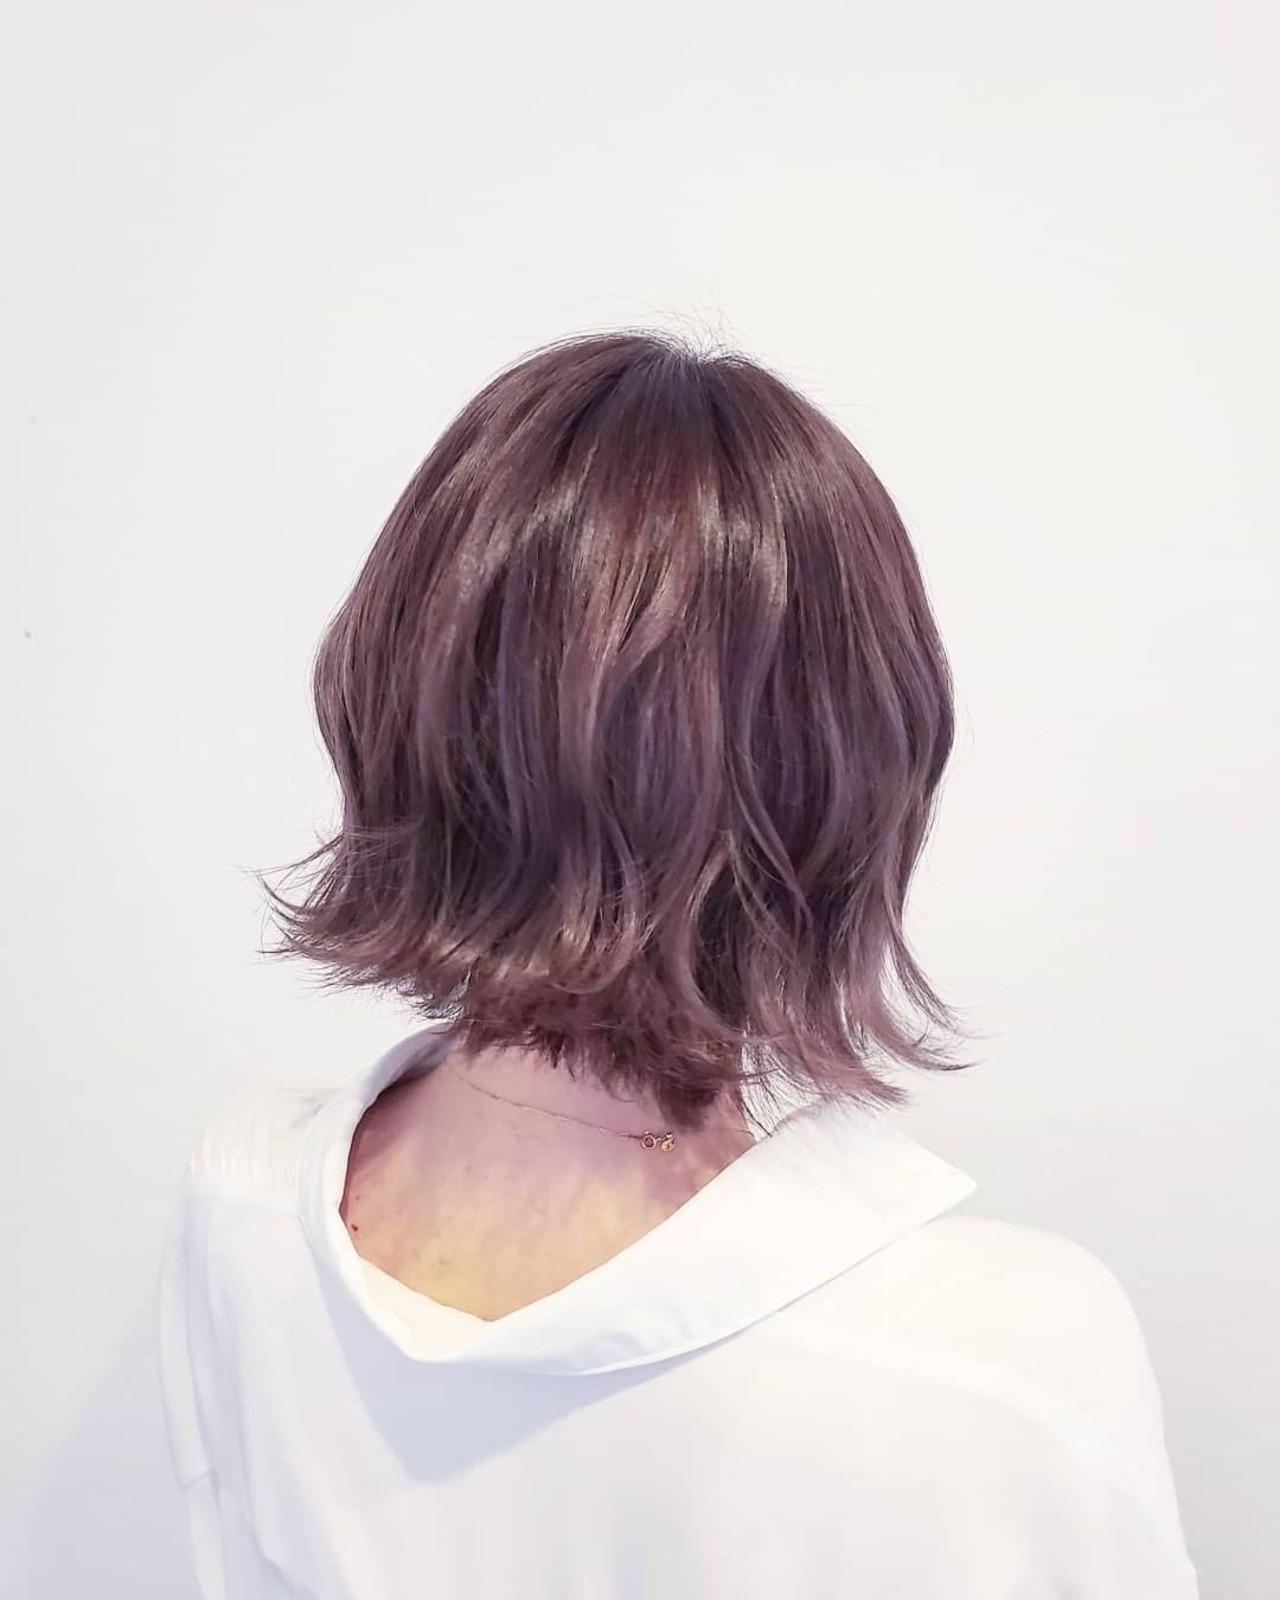 ナチュラル 切りっぱなしボブ ラベンダーアッシュ ベージュ ヘアスタイルや髪型の写真・画像 | 浅原 有輝 / rough